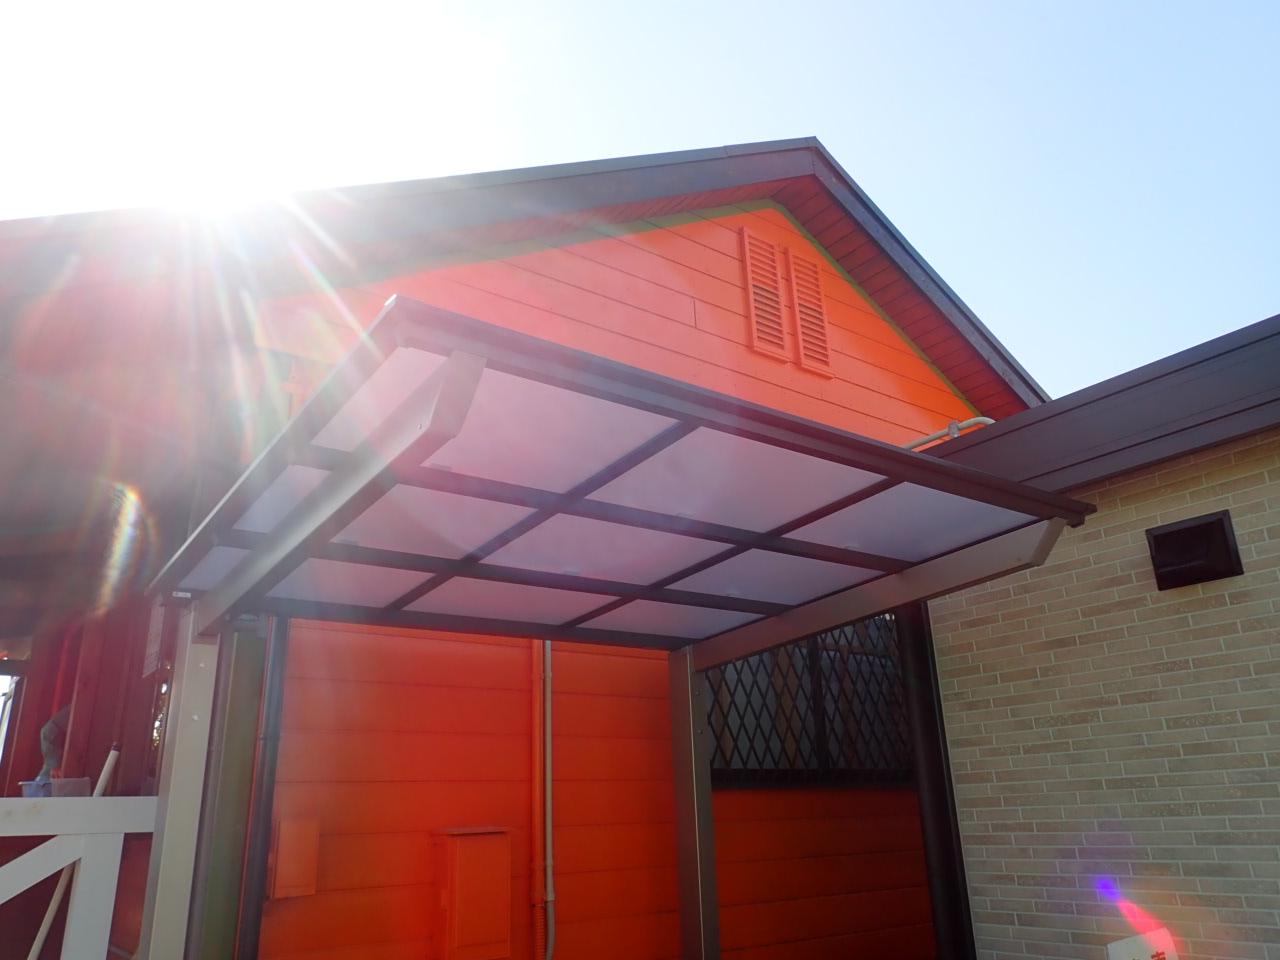 和泉市 テラス屋根とサイクルポート